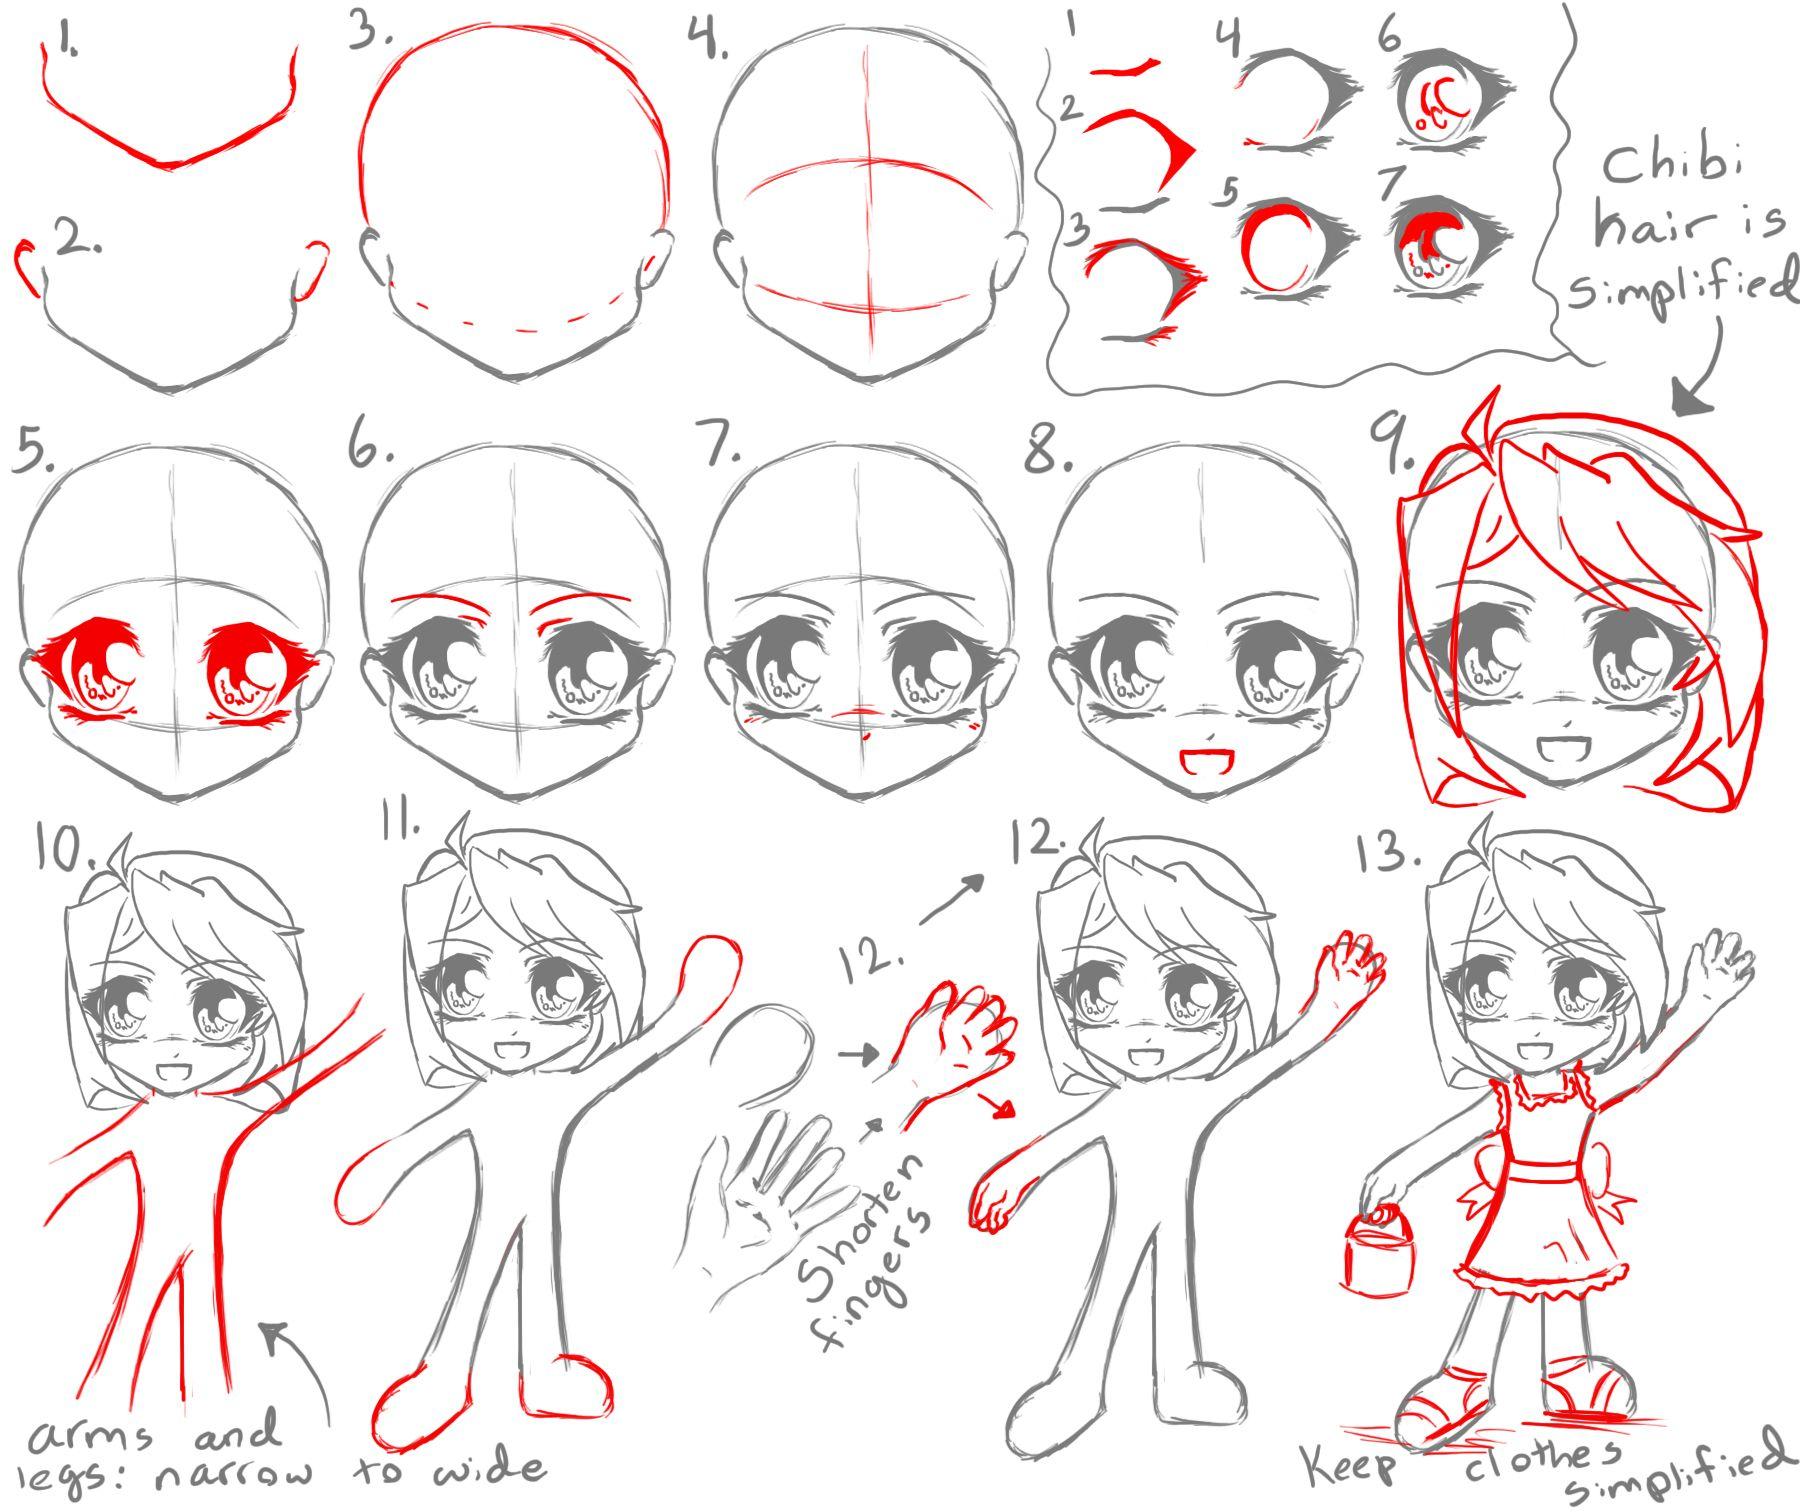 Chibi Tutorial by manic goose How to draw Chibi People chibi